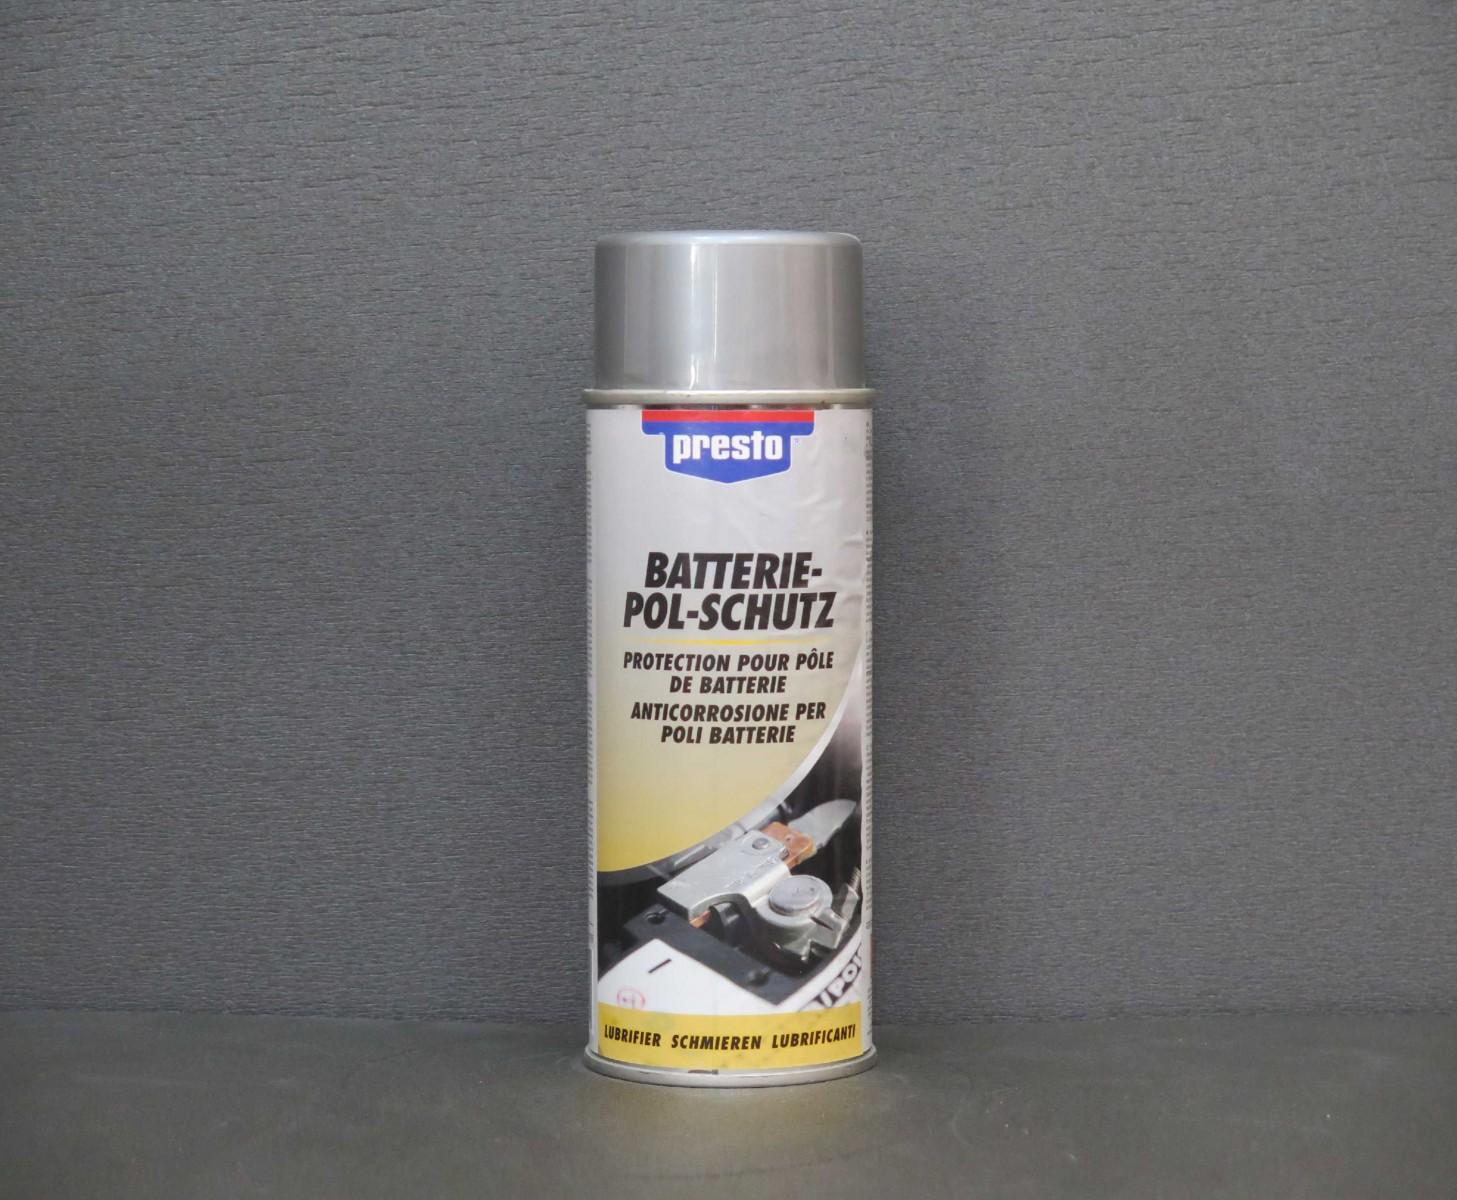 Batterie Pol Schutz Presto